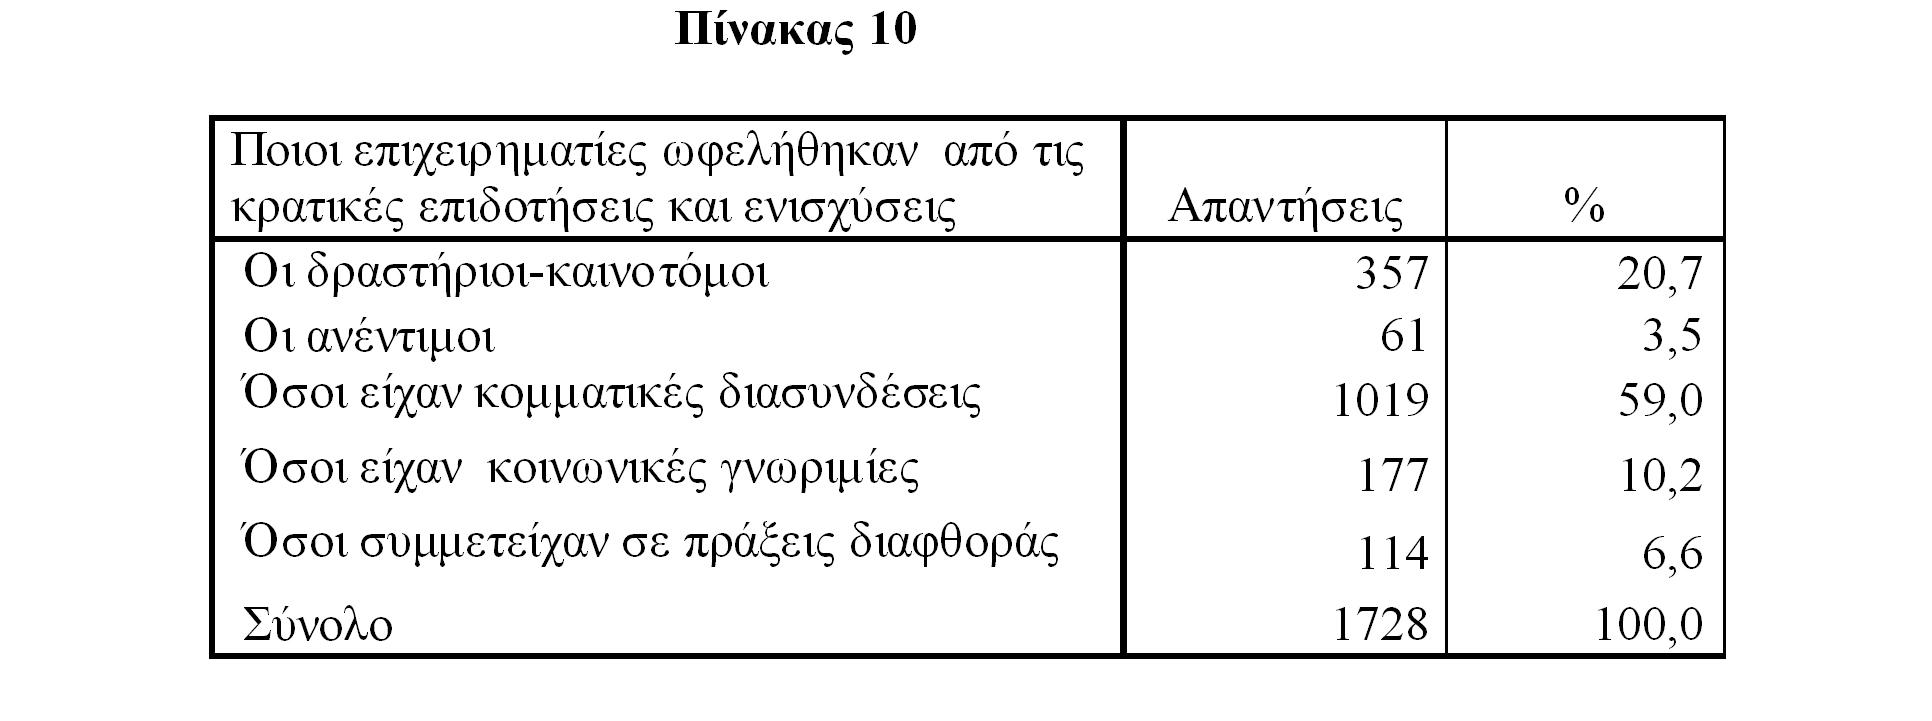 Πίνακας 10